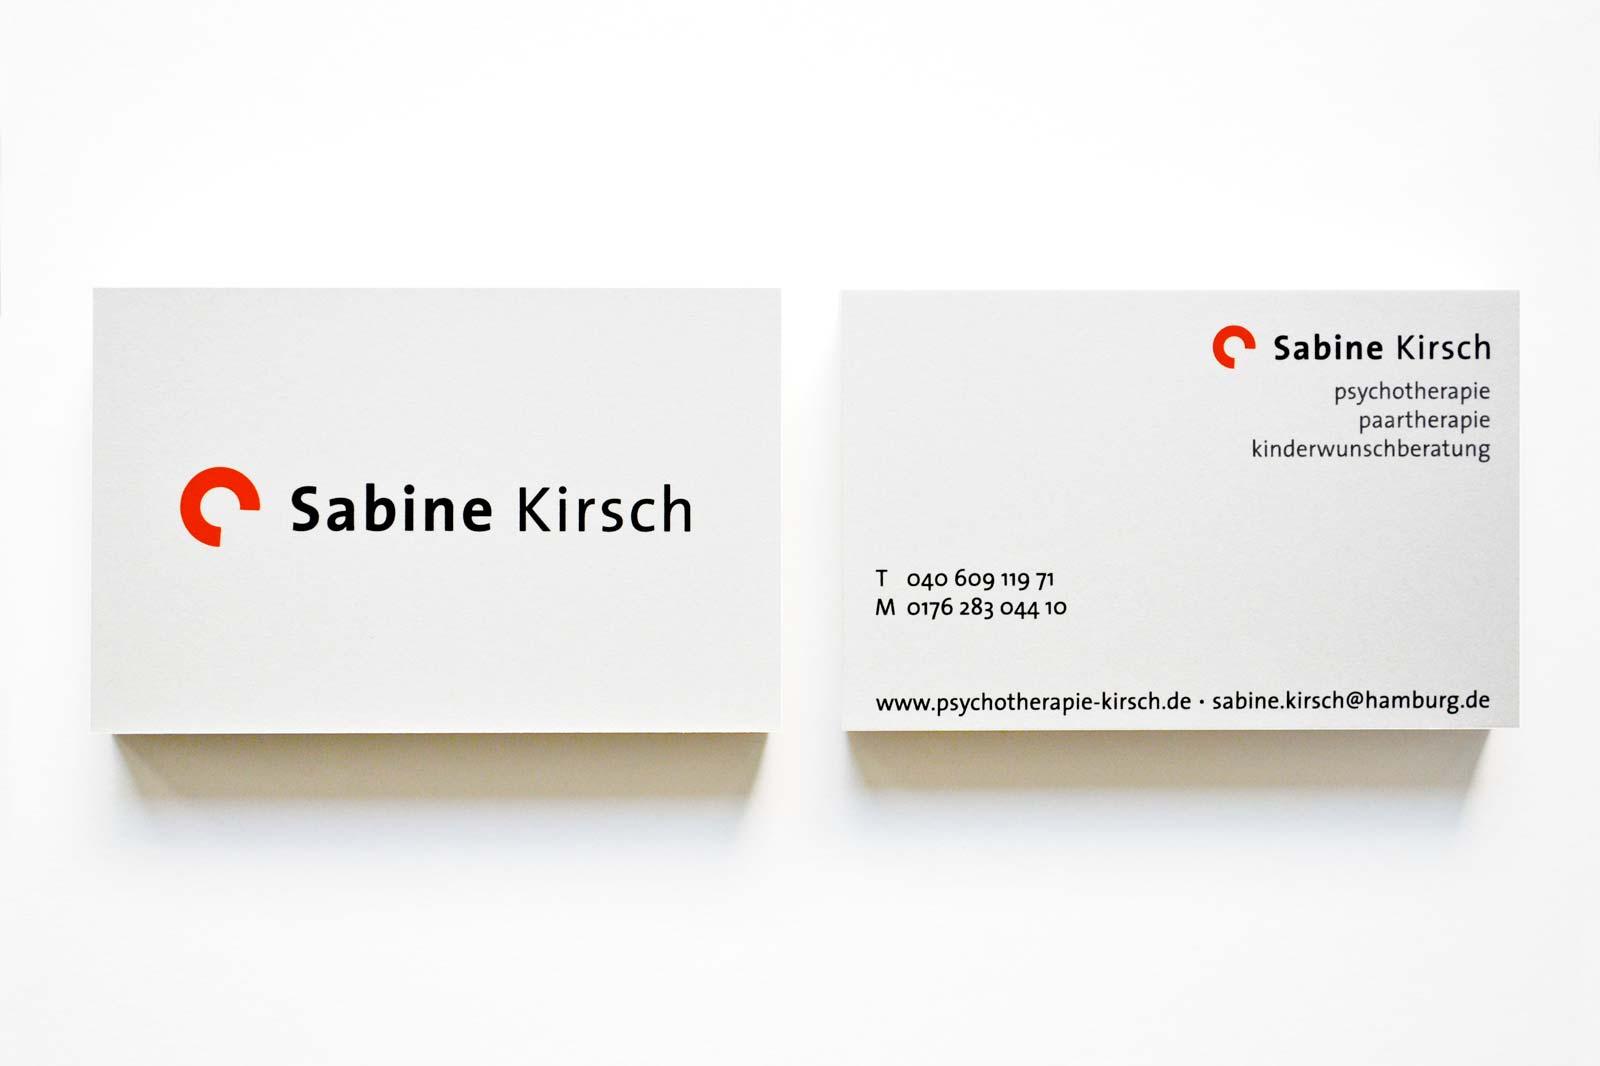 Sabine Kirsch Psychotherapie Uhedesign